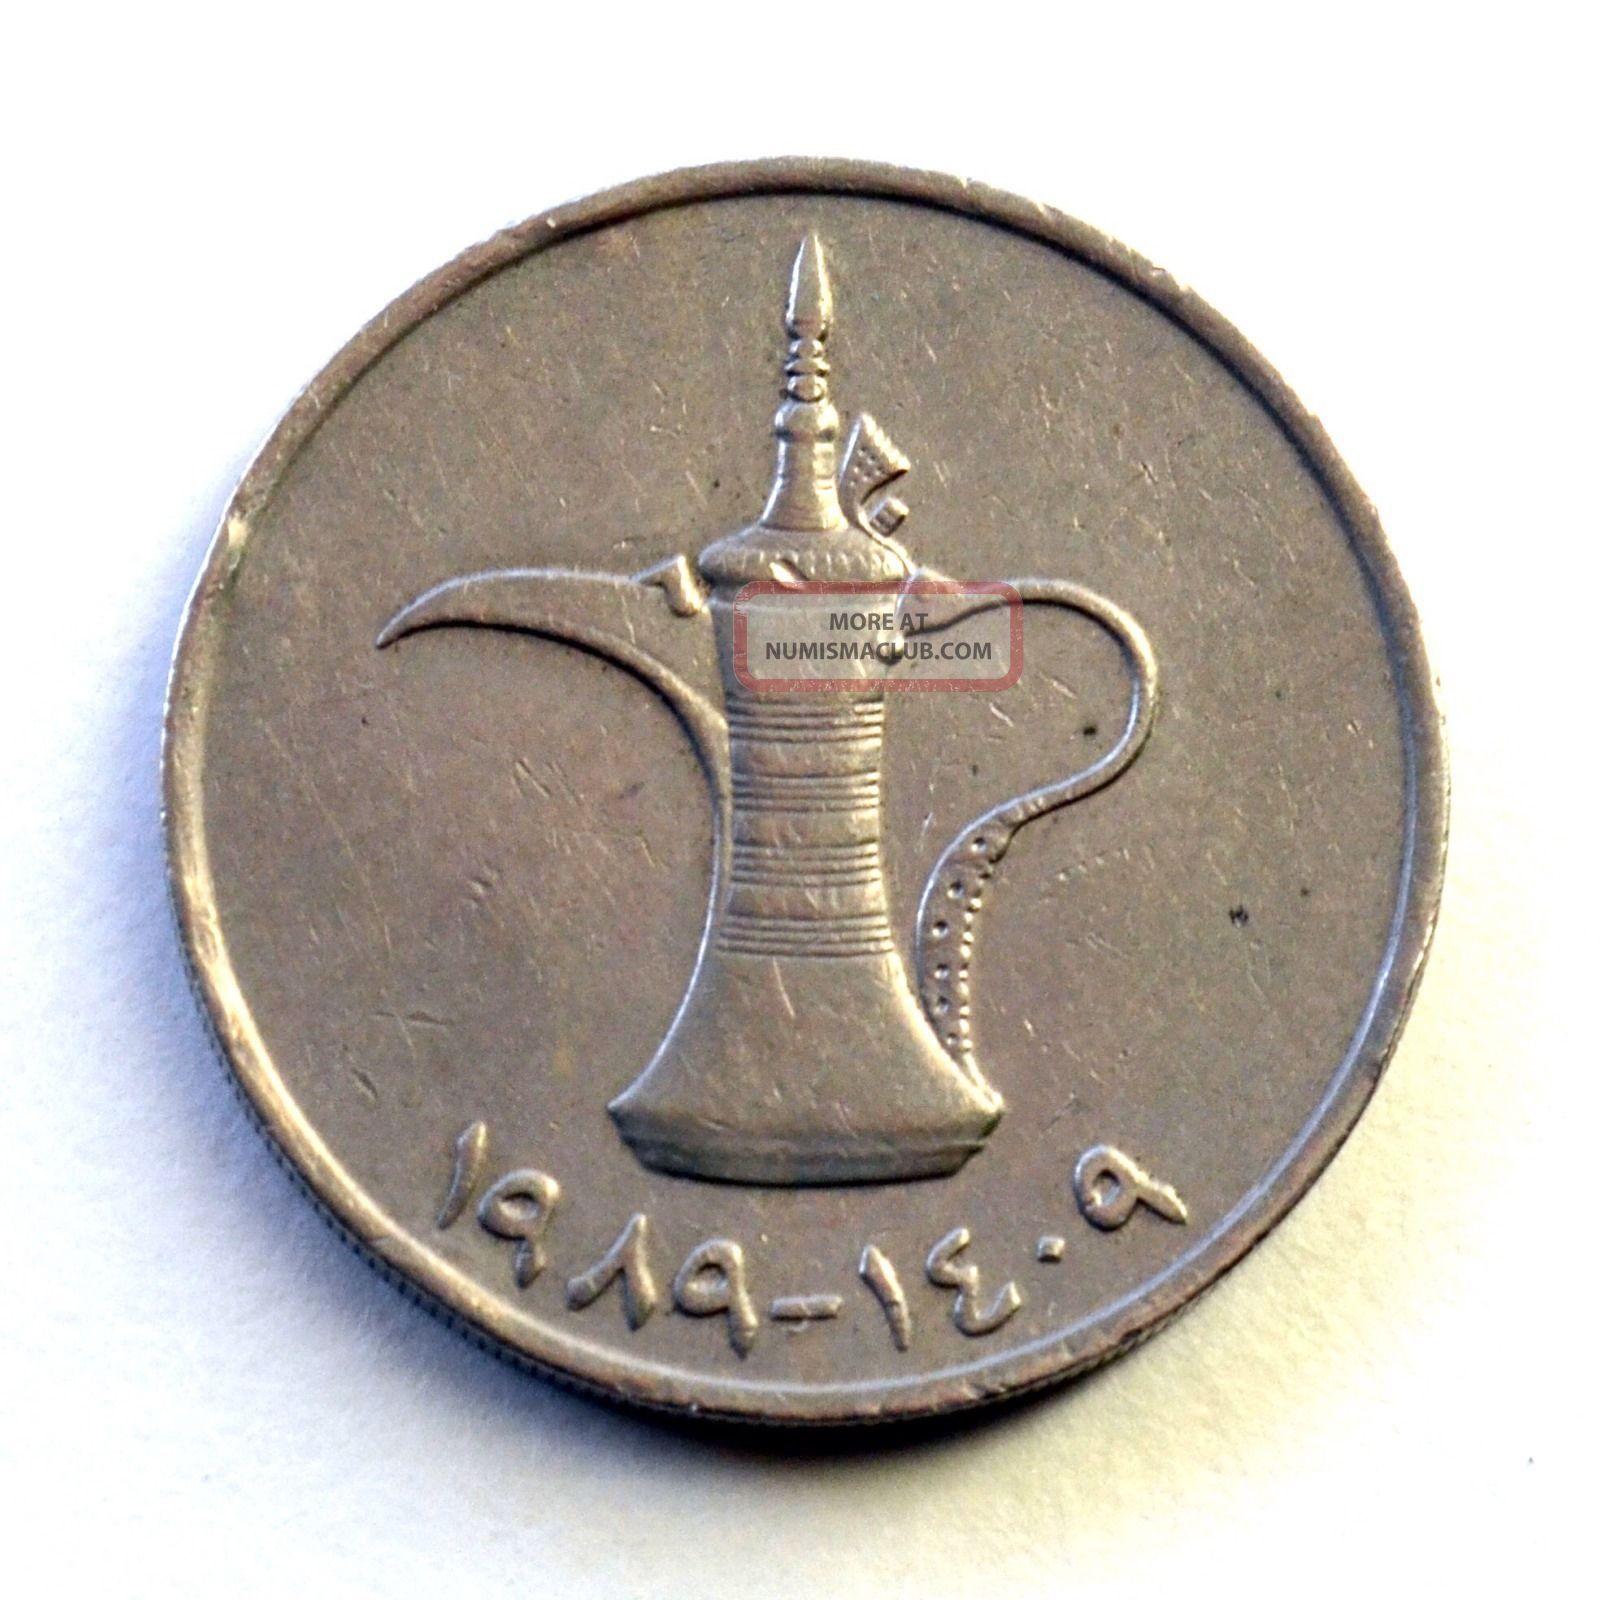 United Arab Emirates Uae 1 Dirham 1989 Coin Unc Traditional Jar